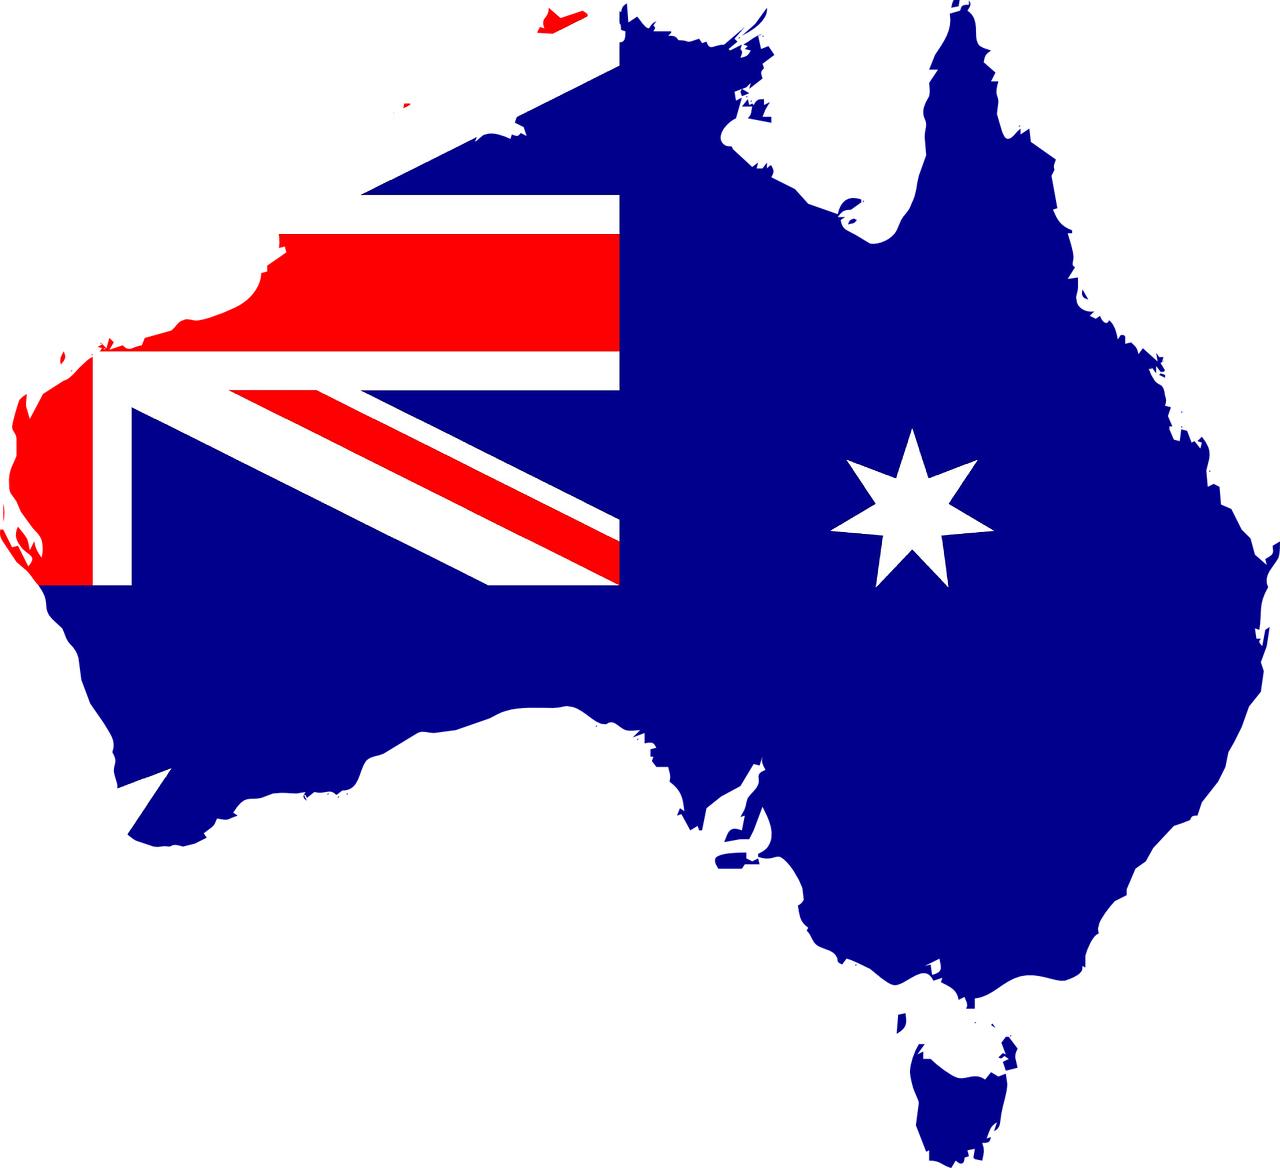 La colonia inglesa de Australia